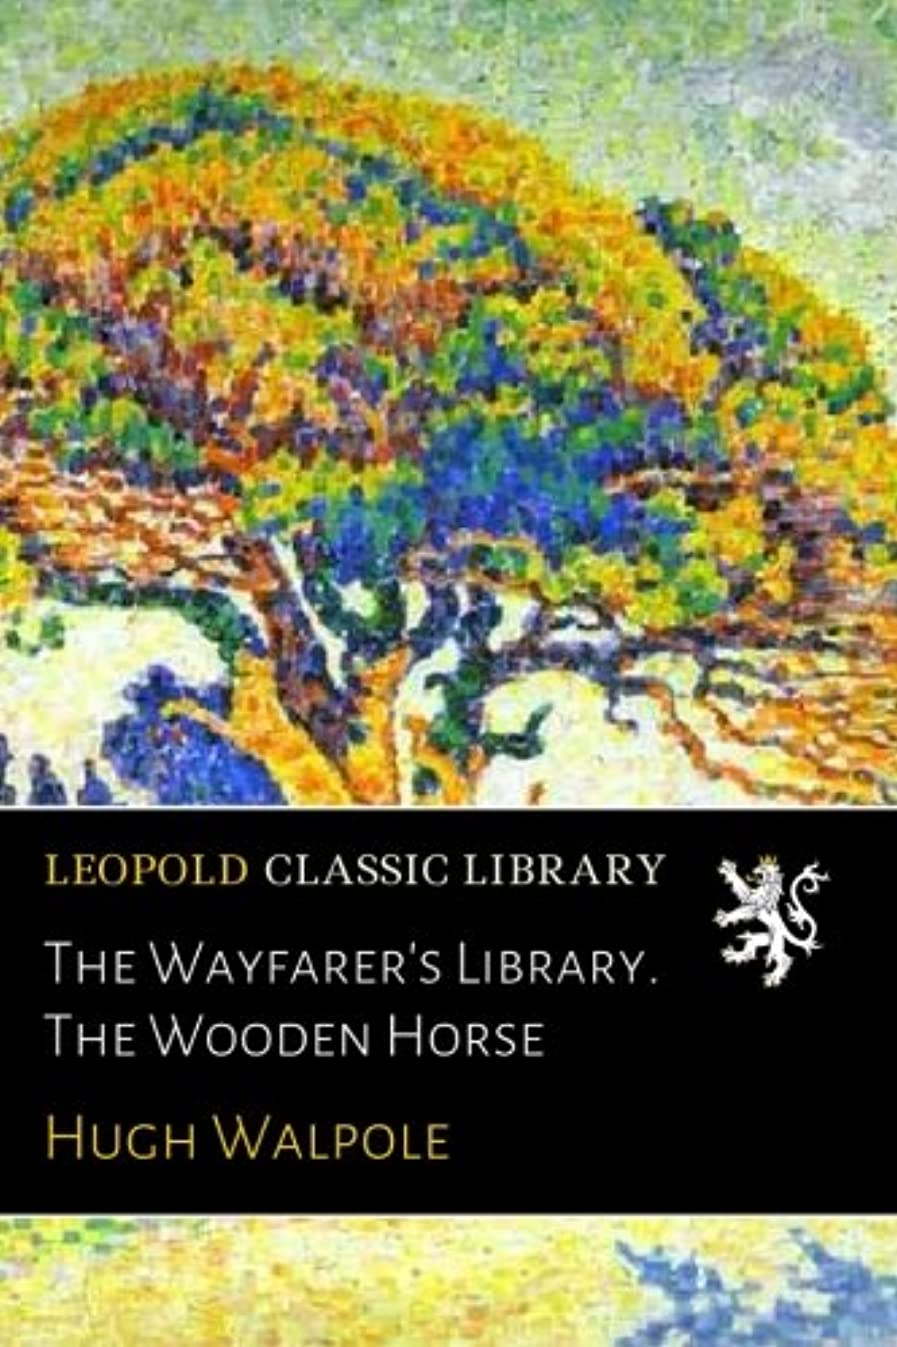 精神借りている一般的に言えばThe Wayfarer's Library. The Wooden Horse